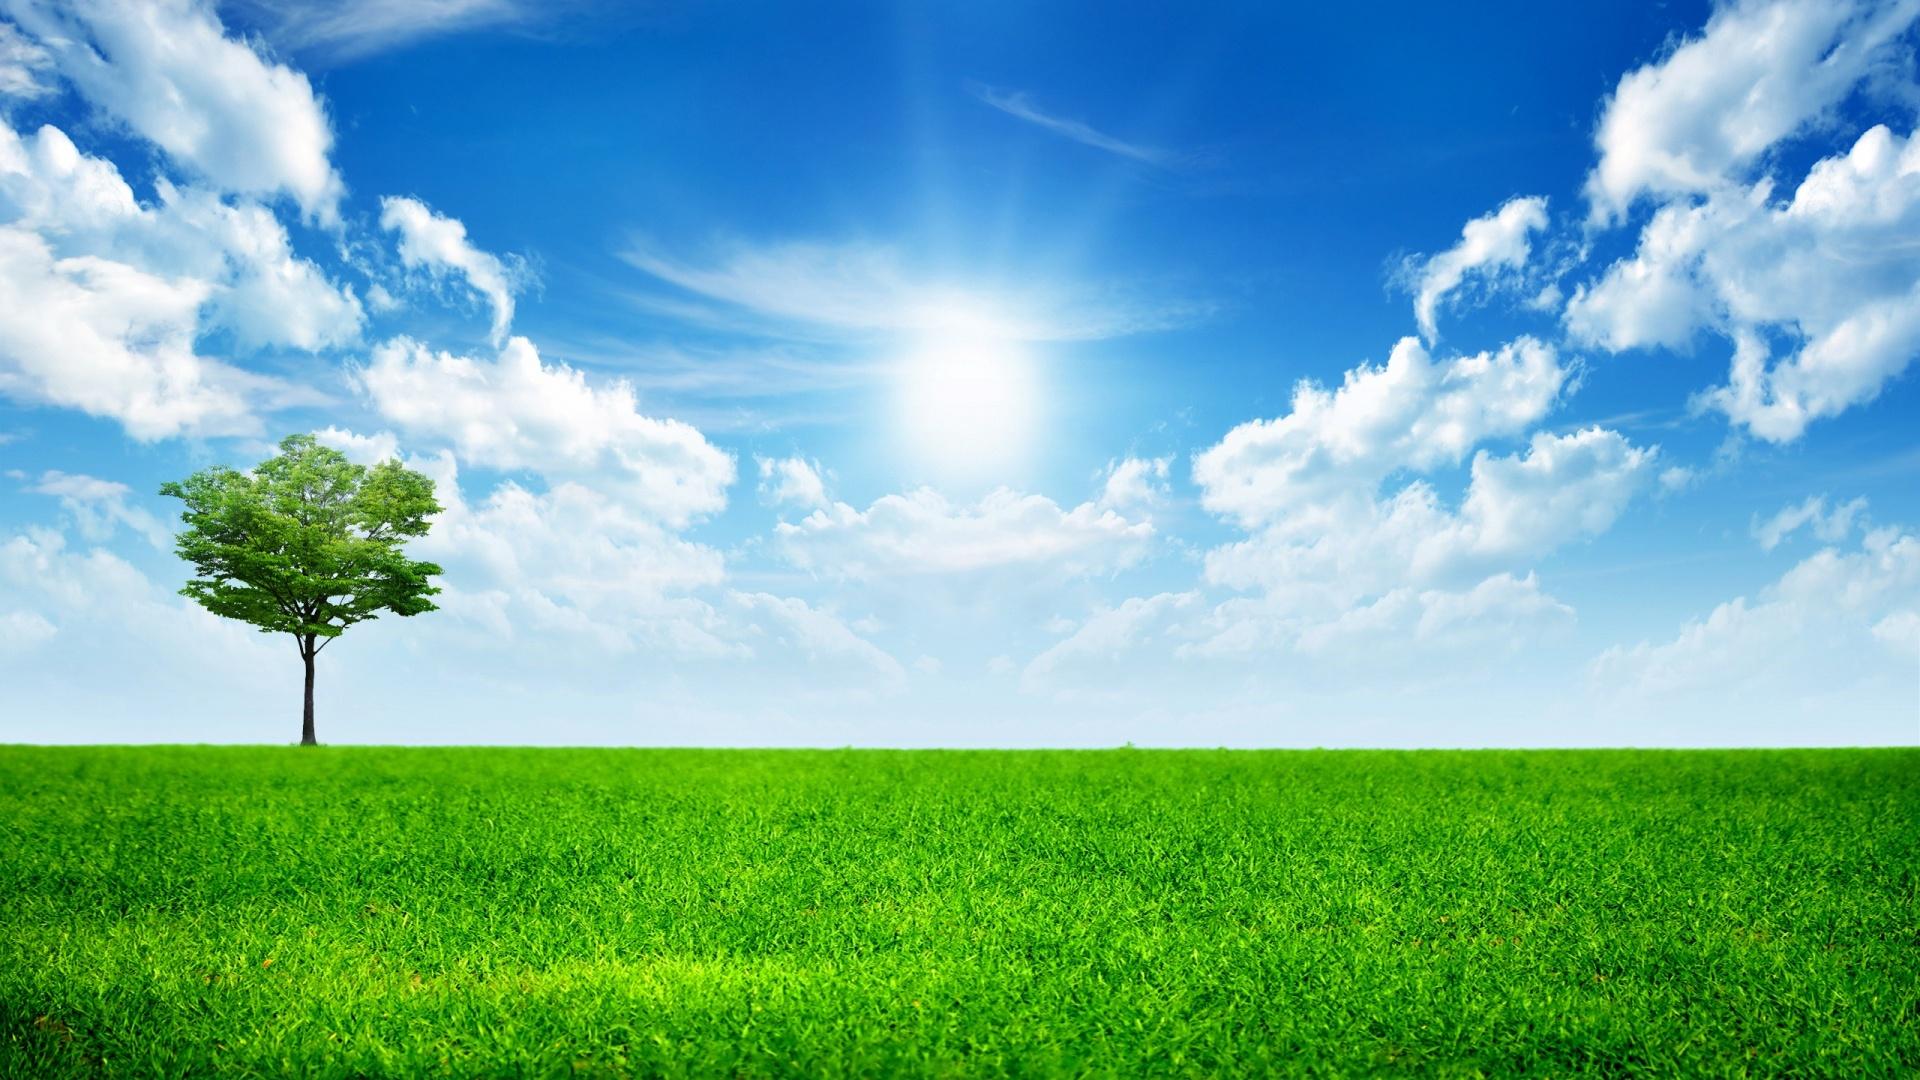 Bright Sunny Day Hd Wallpaper